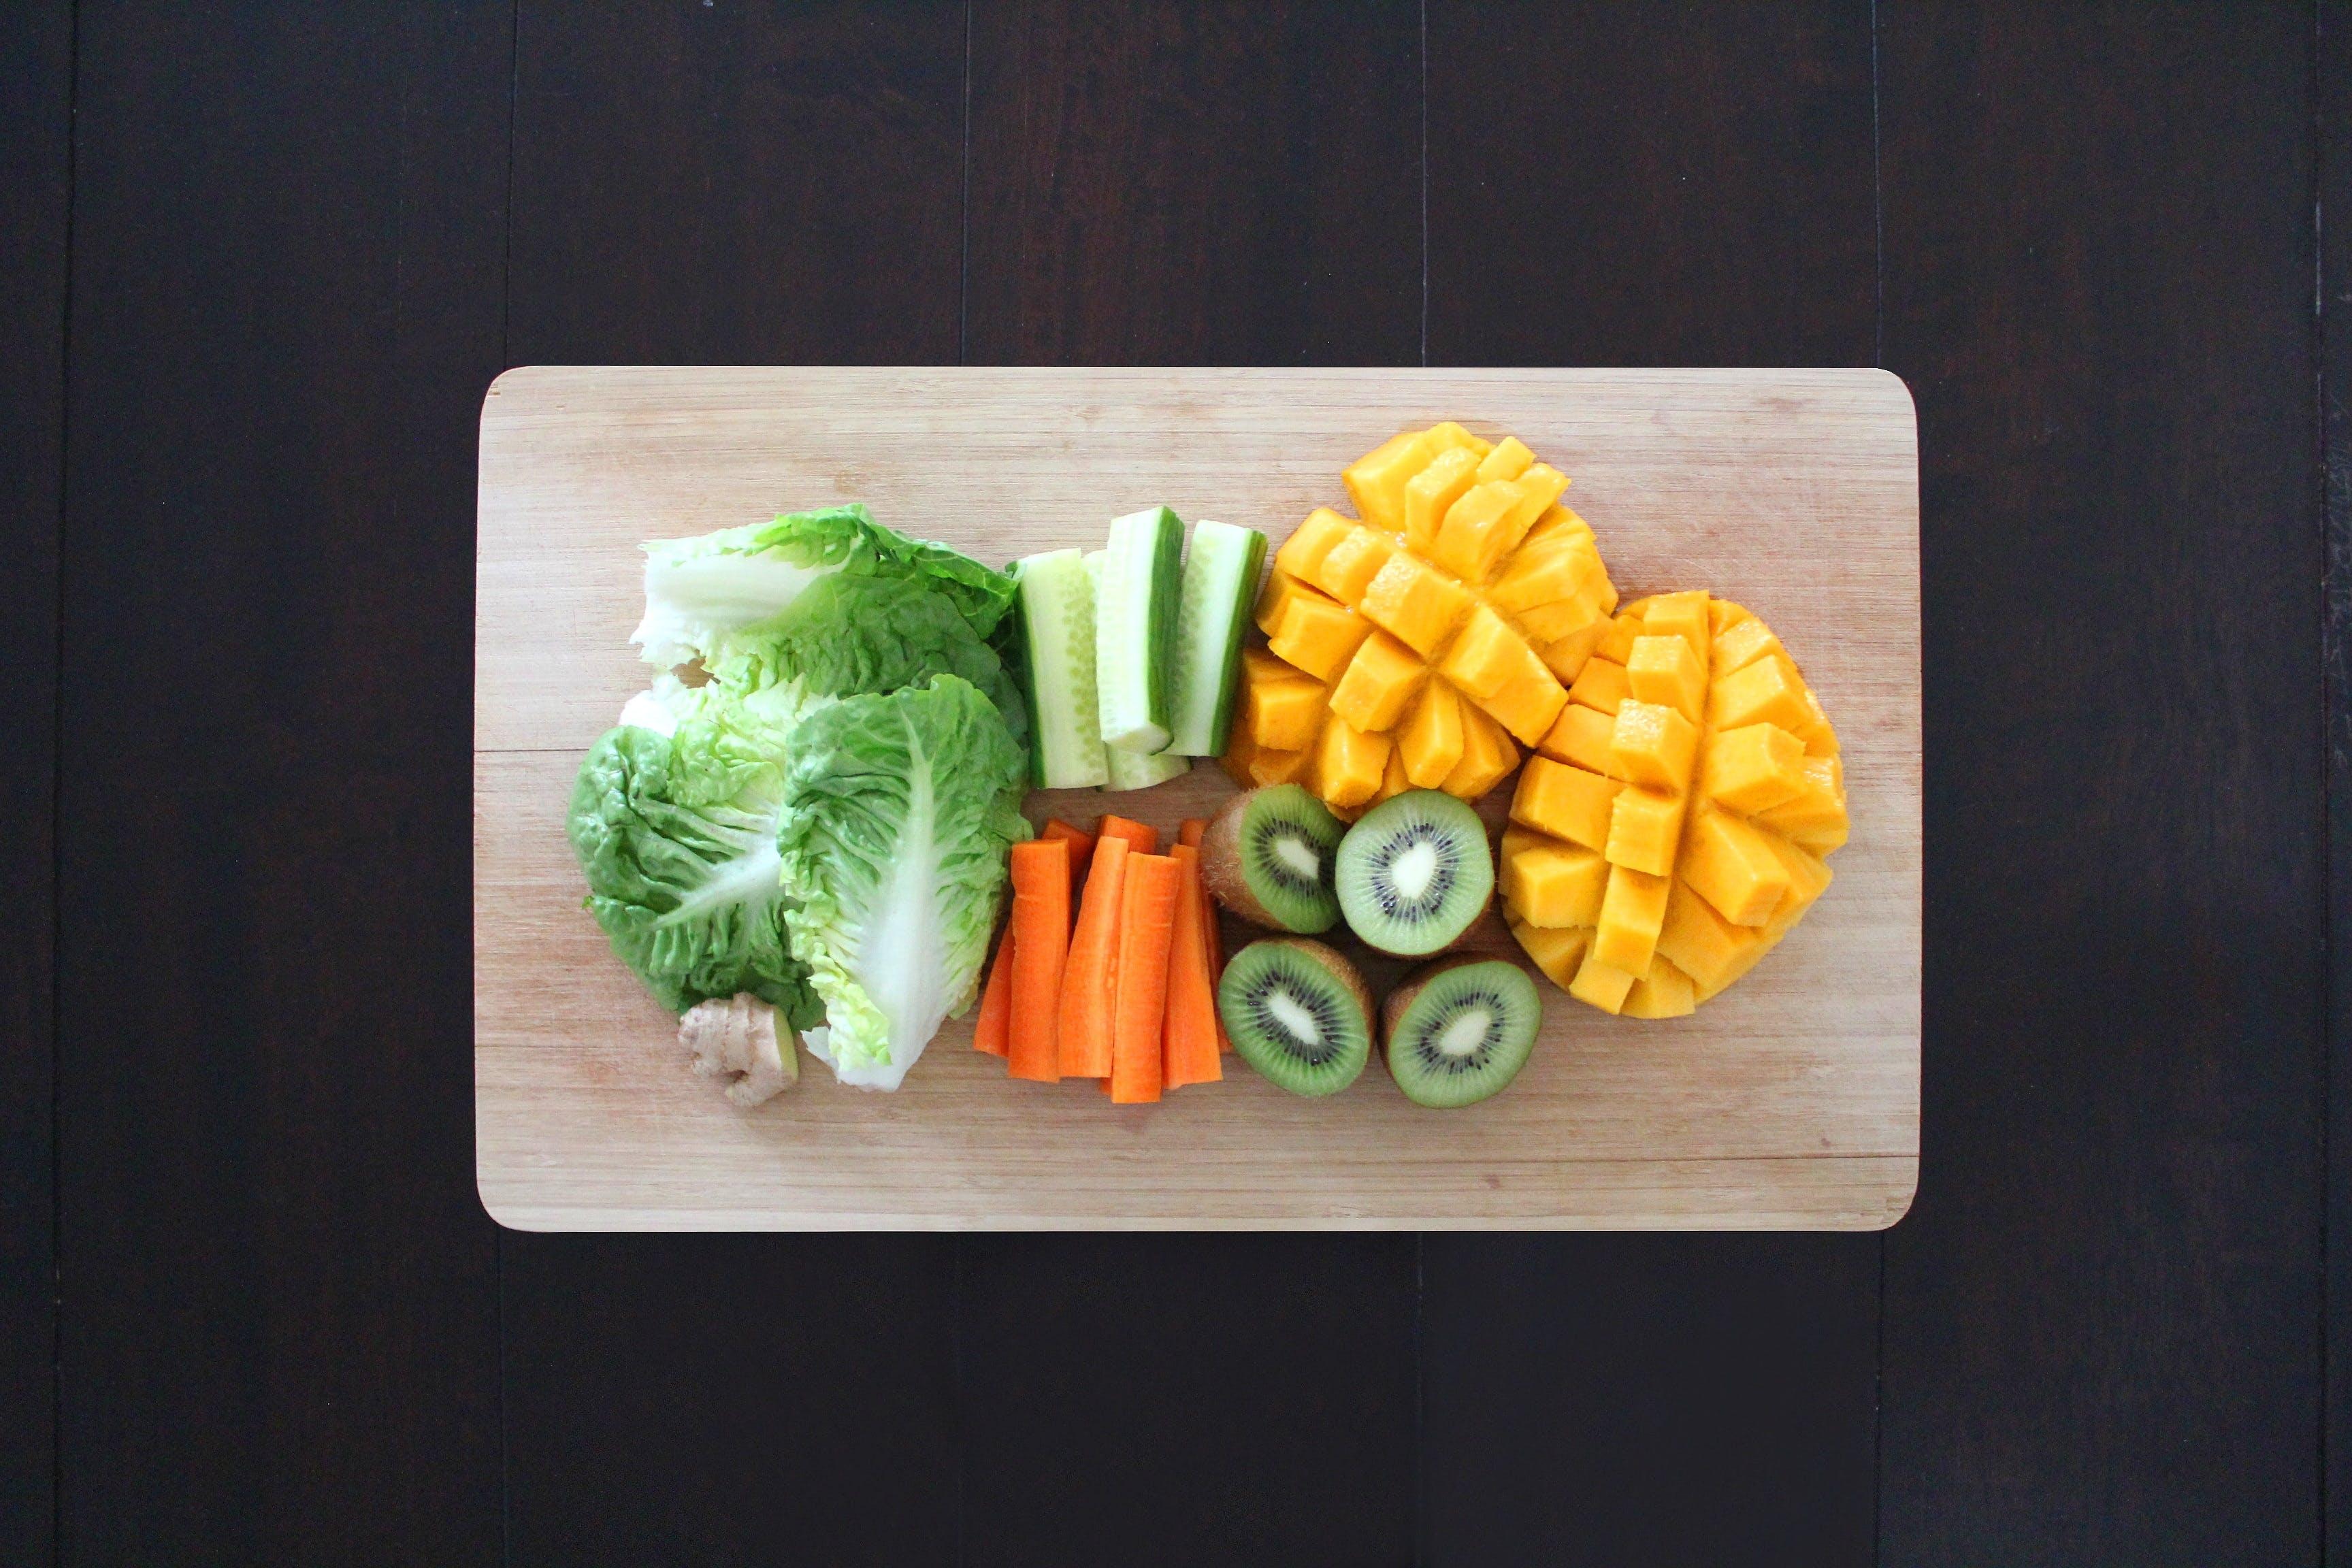 Gratis arkivbilde med delikat, diett, frisk, frukt